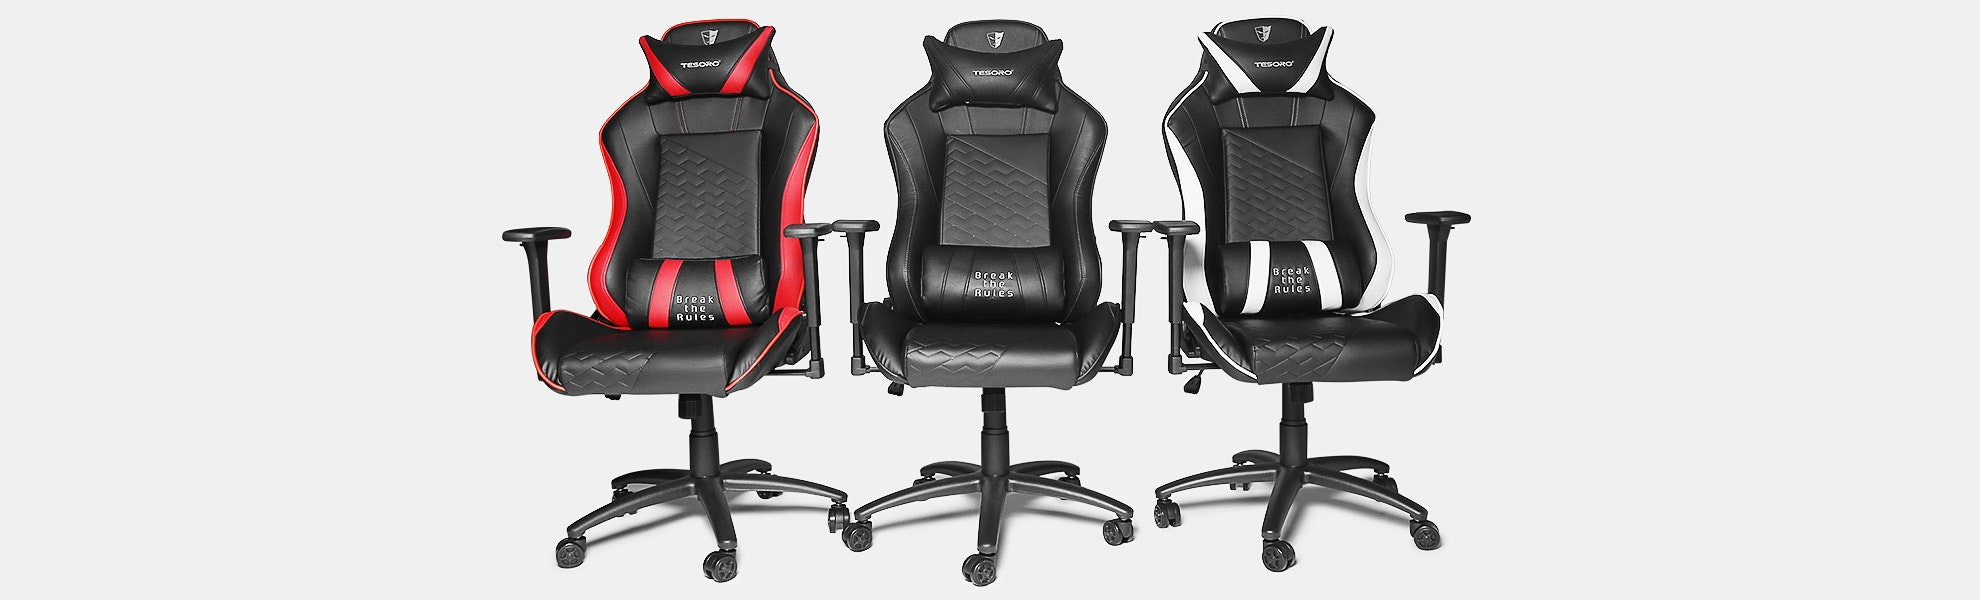 Tesoro Zone Balance Gaming Chairs